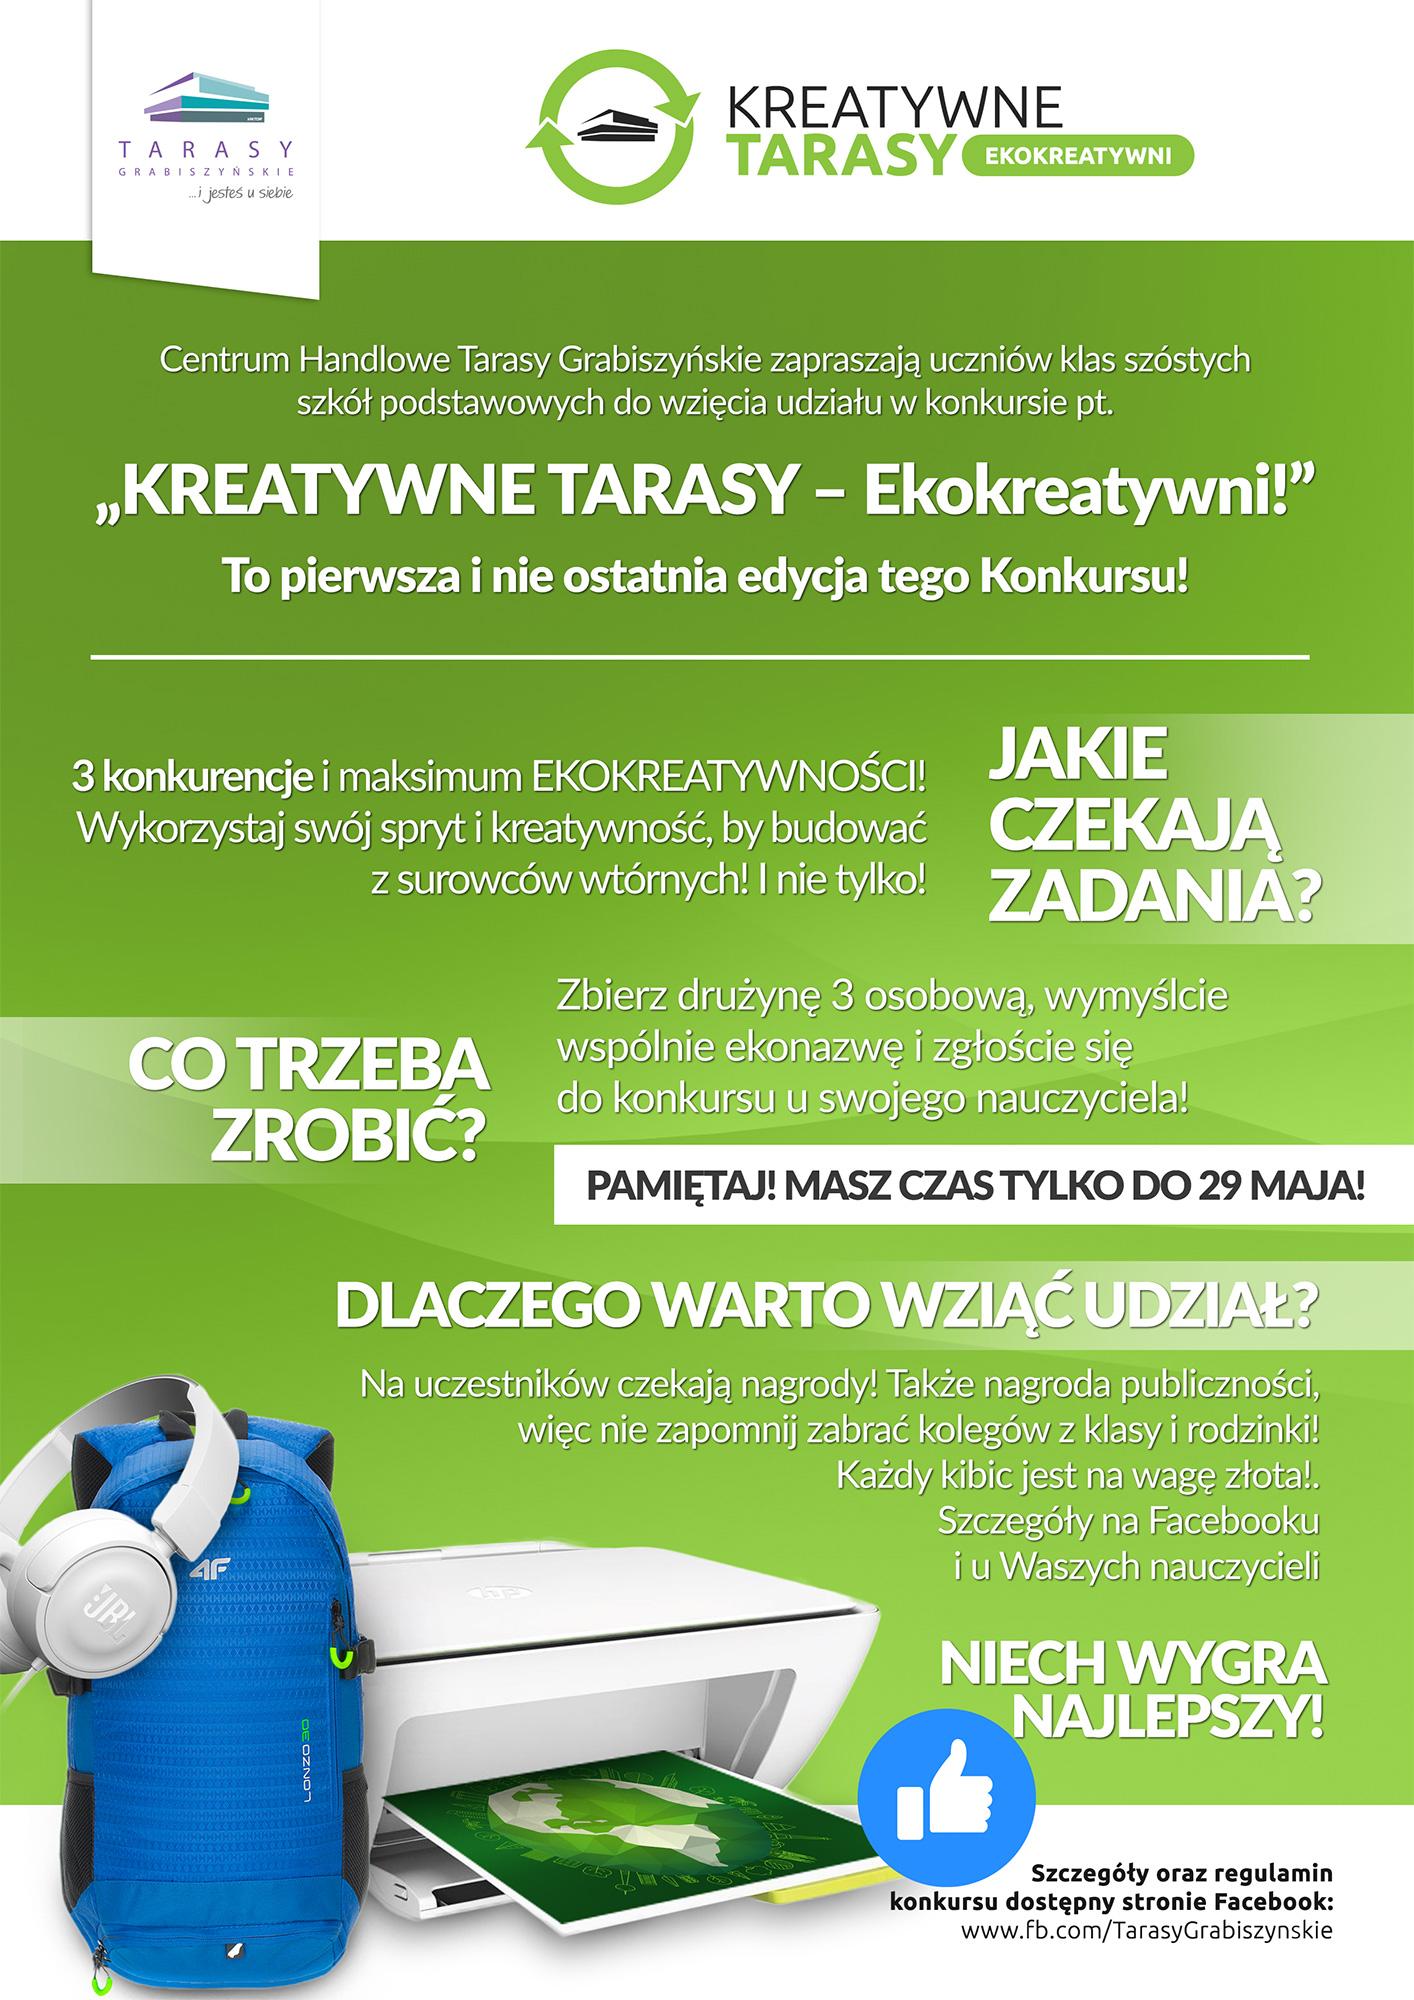 KREATYWNE TARASY – Ekokreatywni! W Tarasach Grabiszyńskich